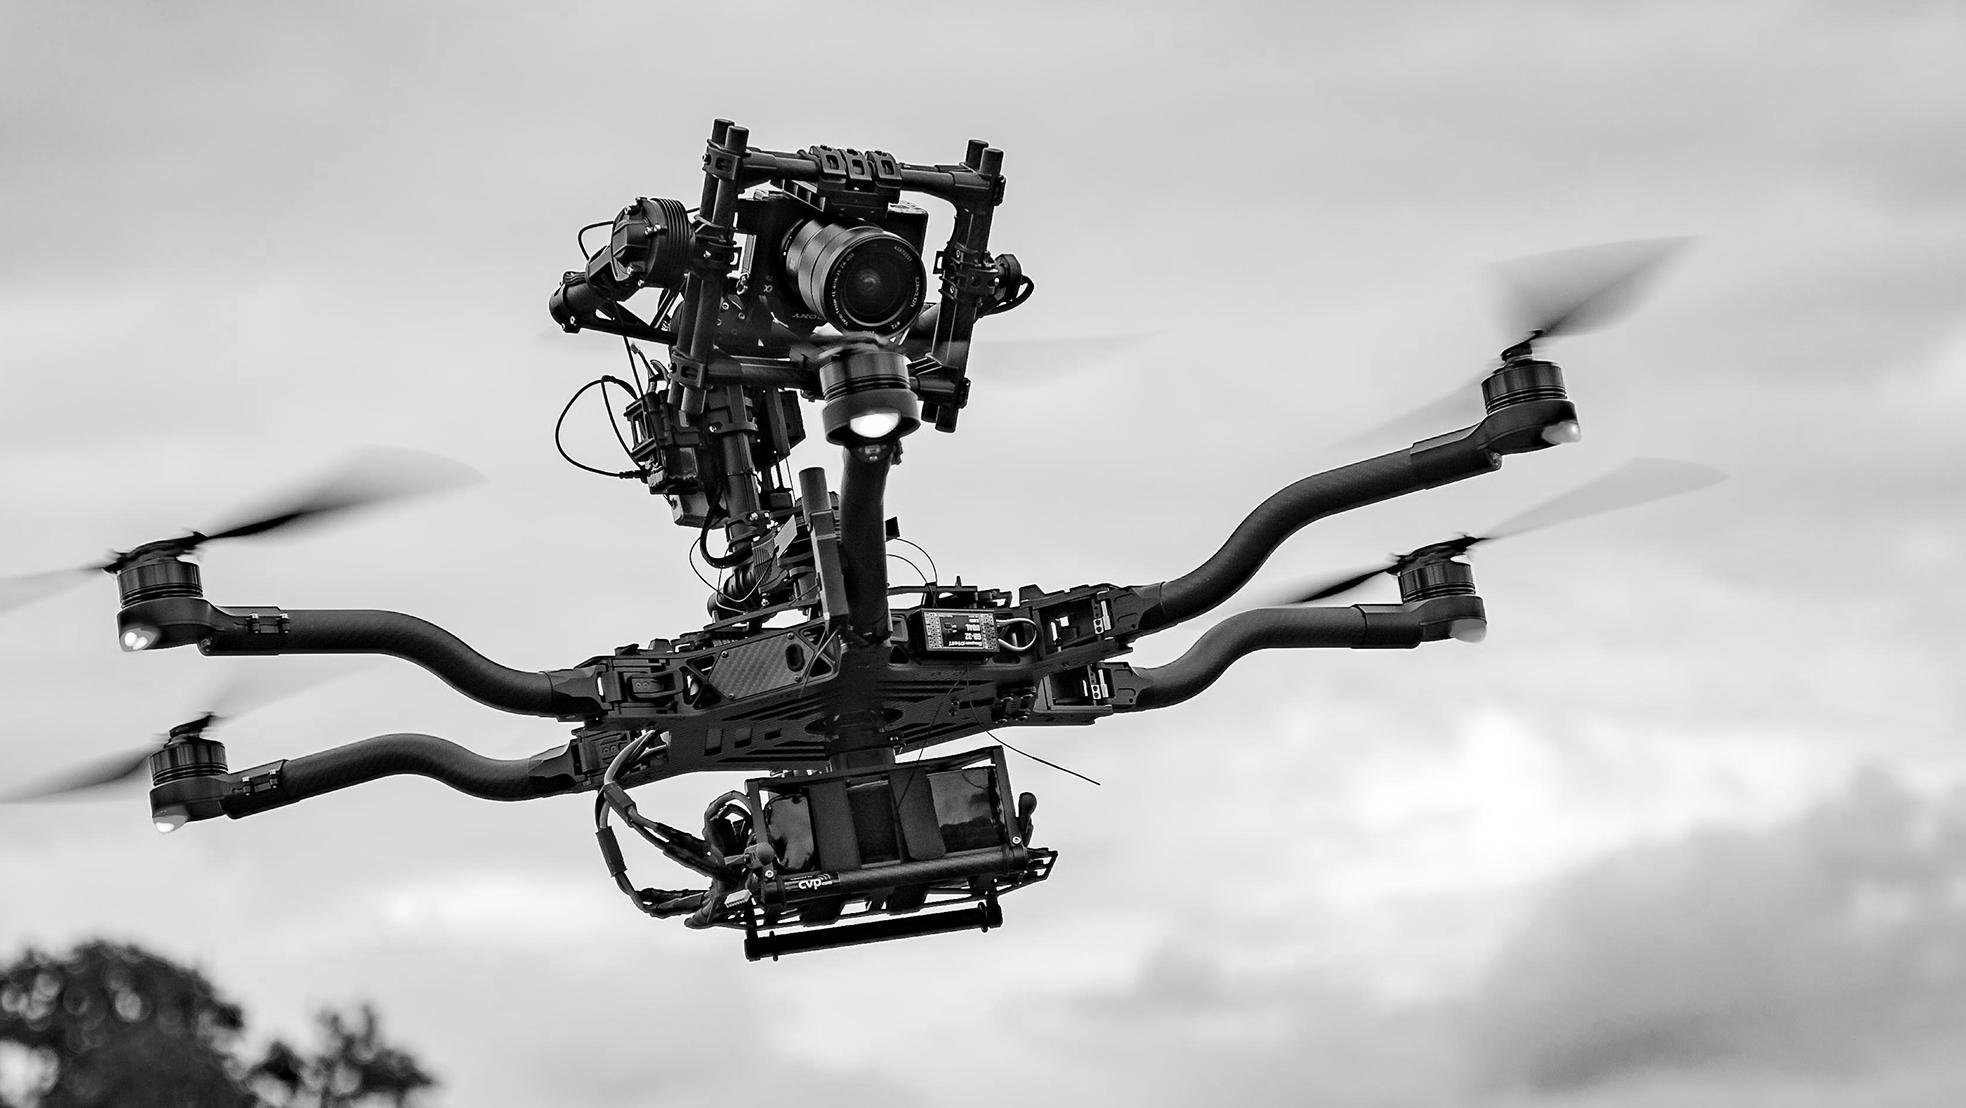 Drone Alta Cinema Pub 01